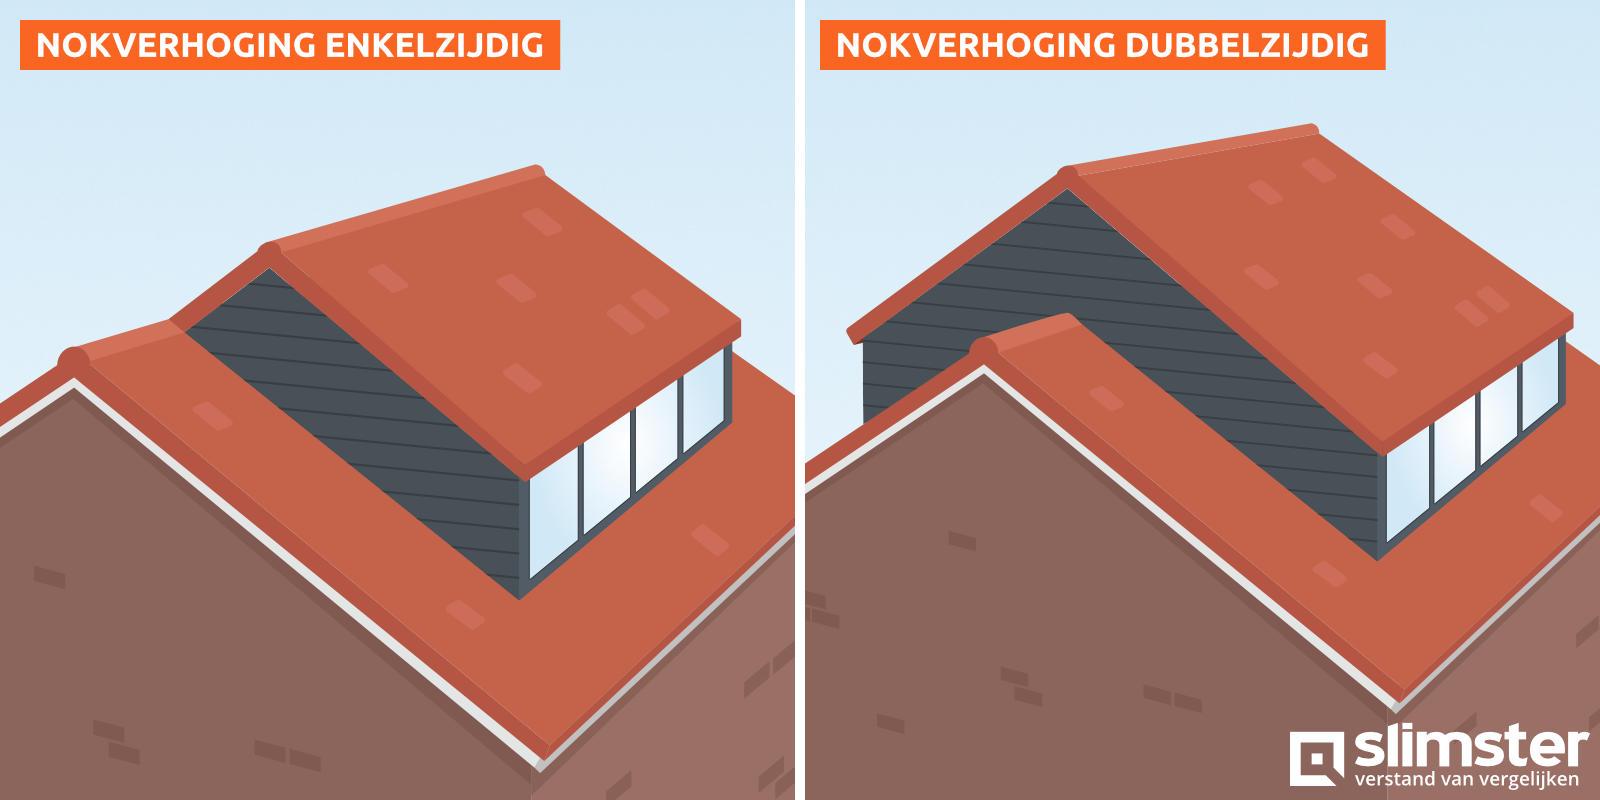 nokverhogende dakkapel